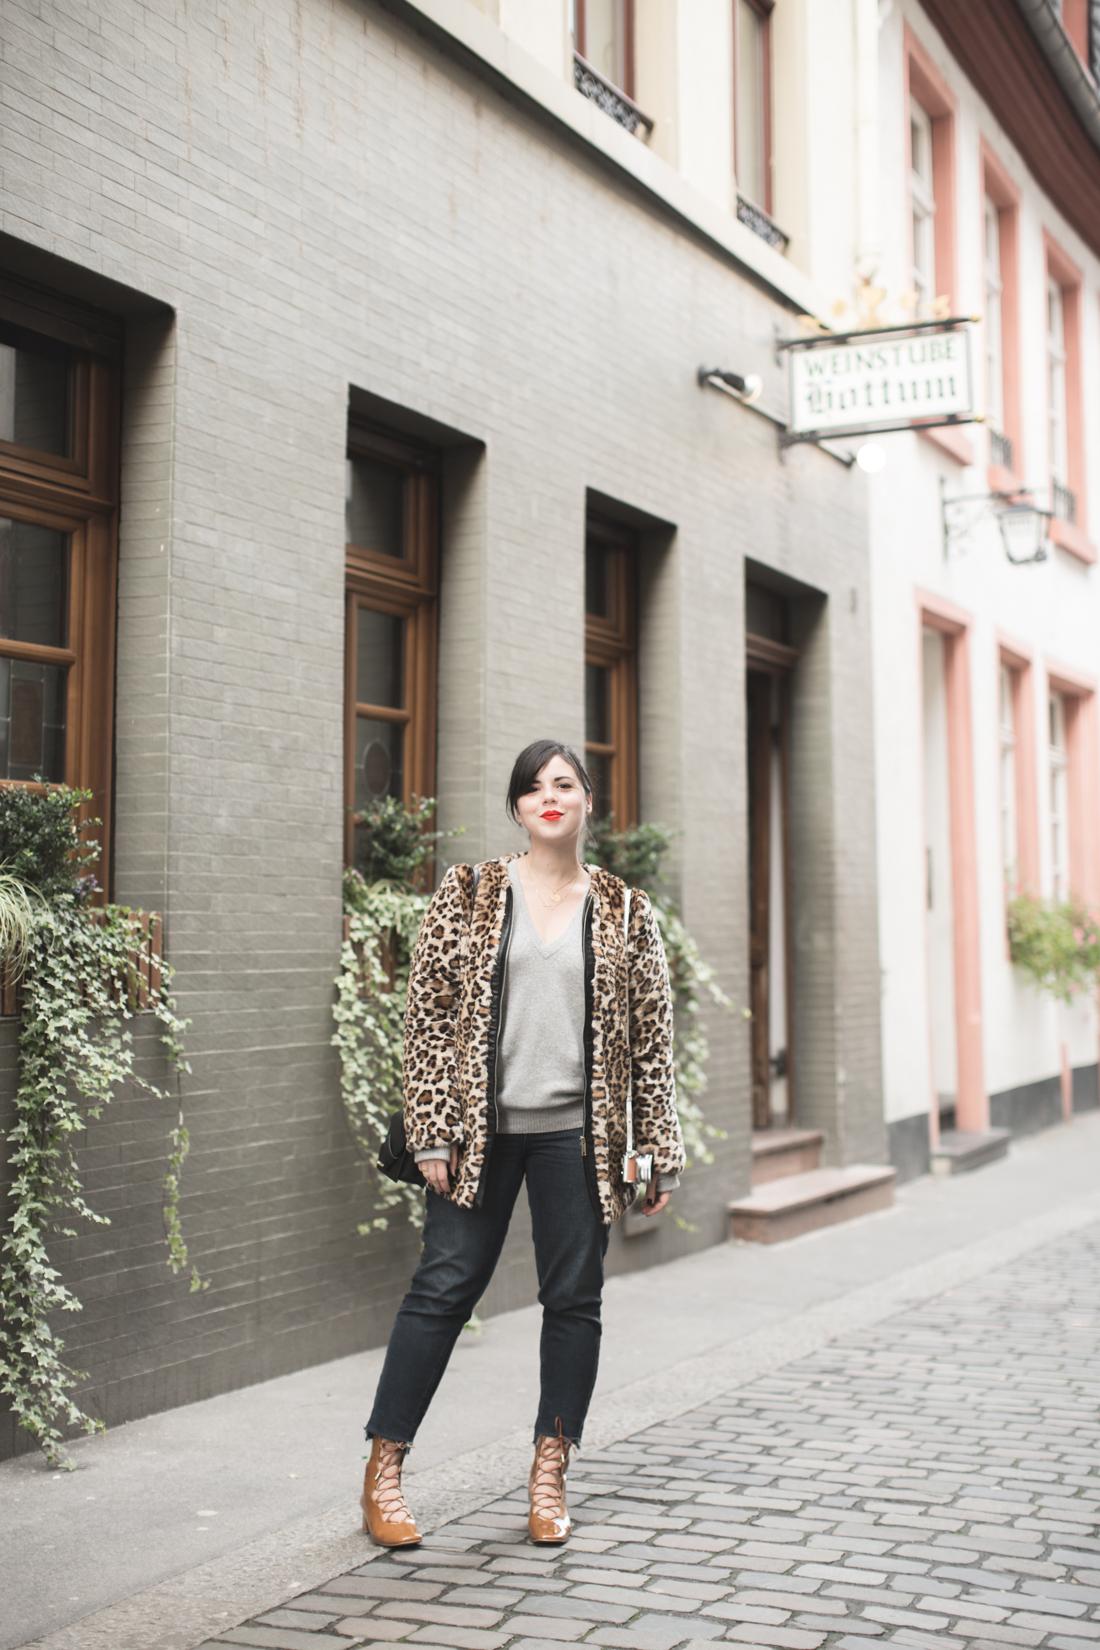 manteau_moumoute_leopard_tissaia_de_e_leclerc_copyright_pauline_fashionblog_blog_mode-5